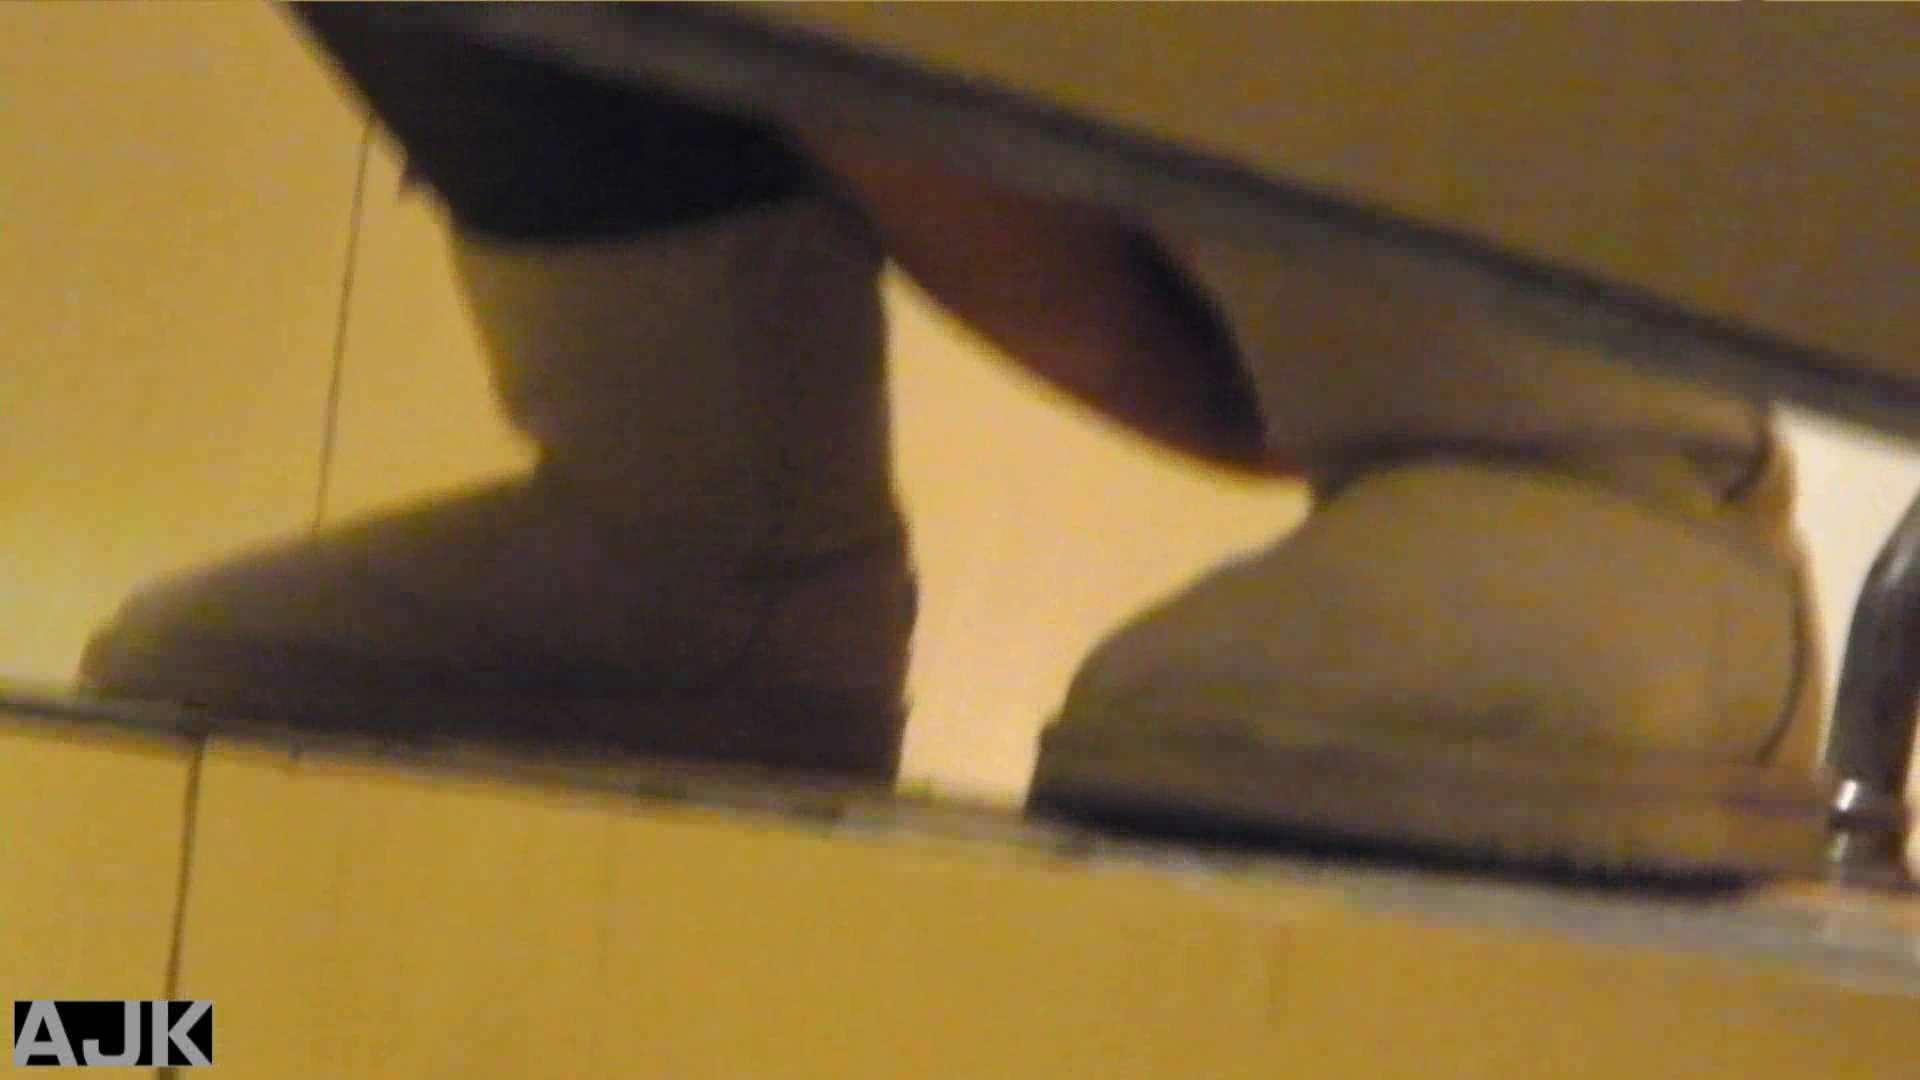 隣国上階級エリアの令嬢たちが集うデパートお手洗い Vol.02 オマンコ・ぱっくり SEX無修正画像 52画像 17